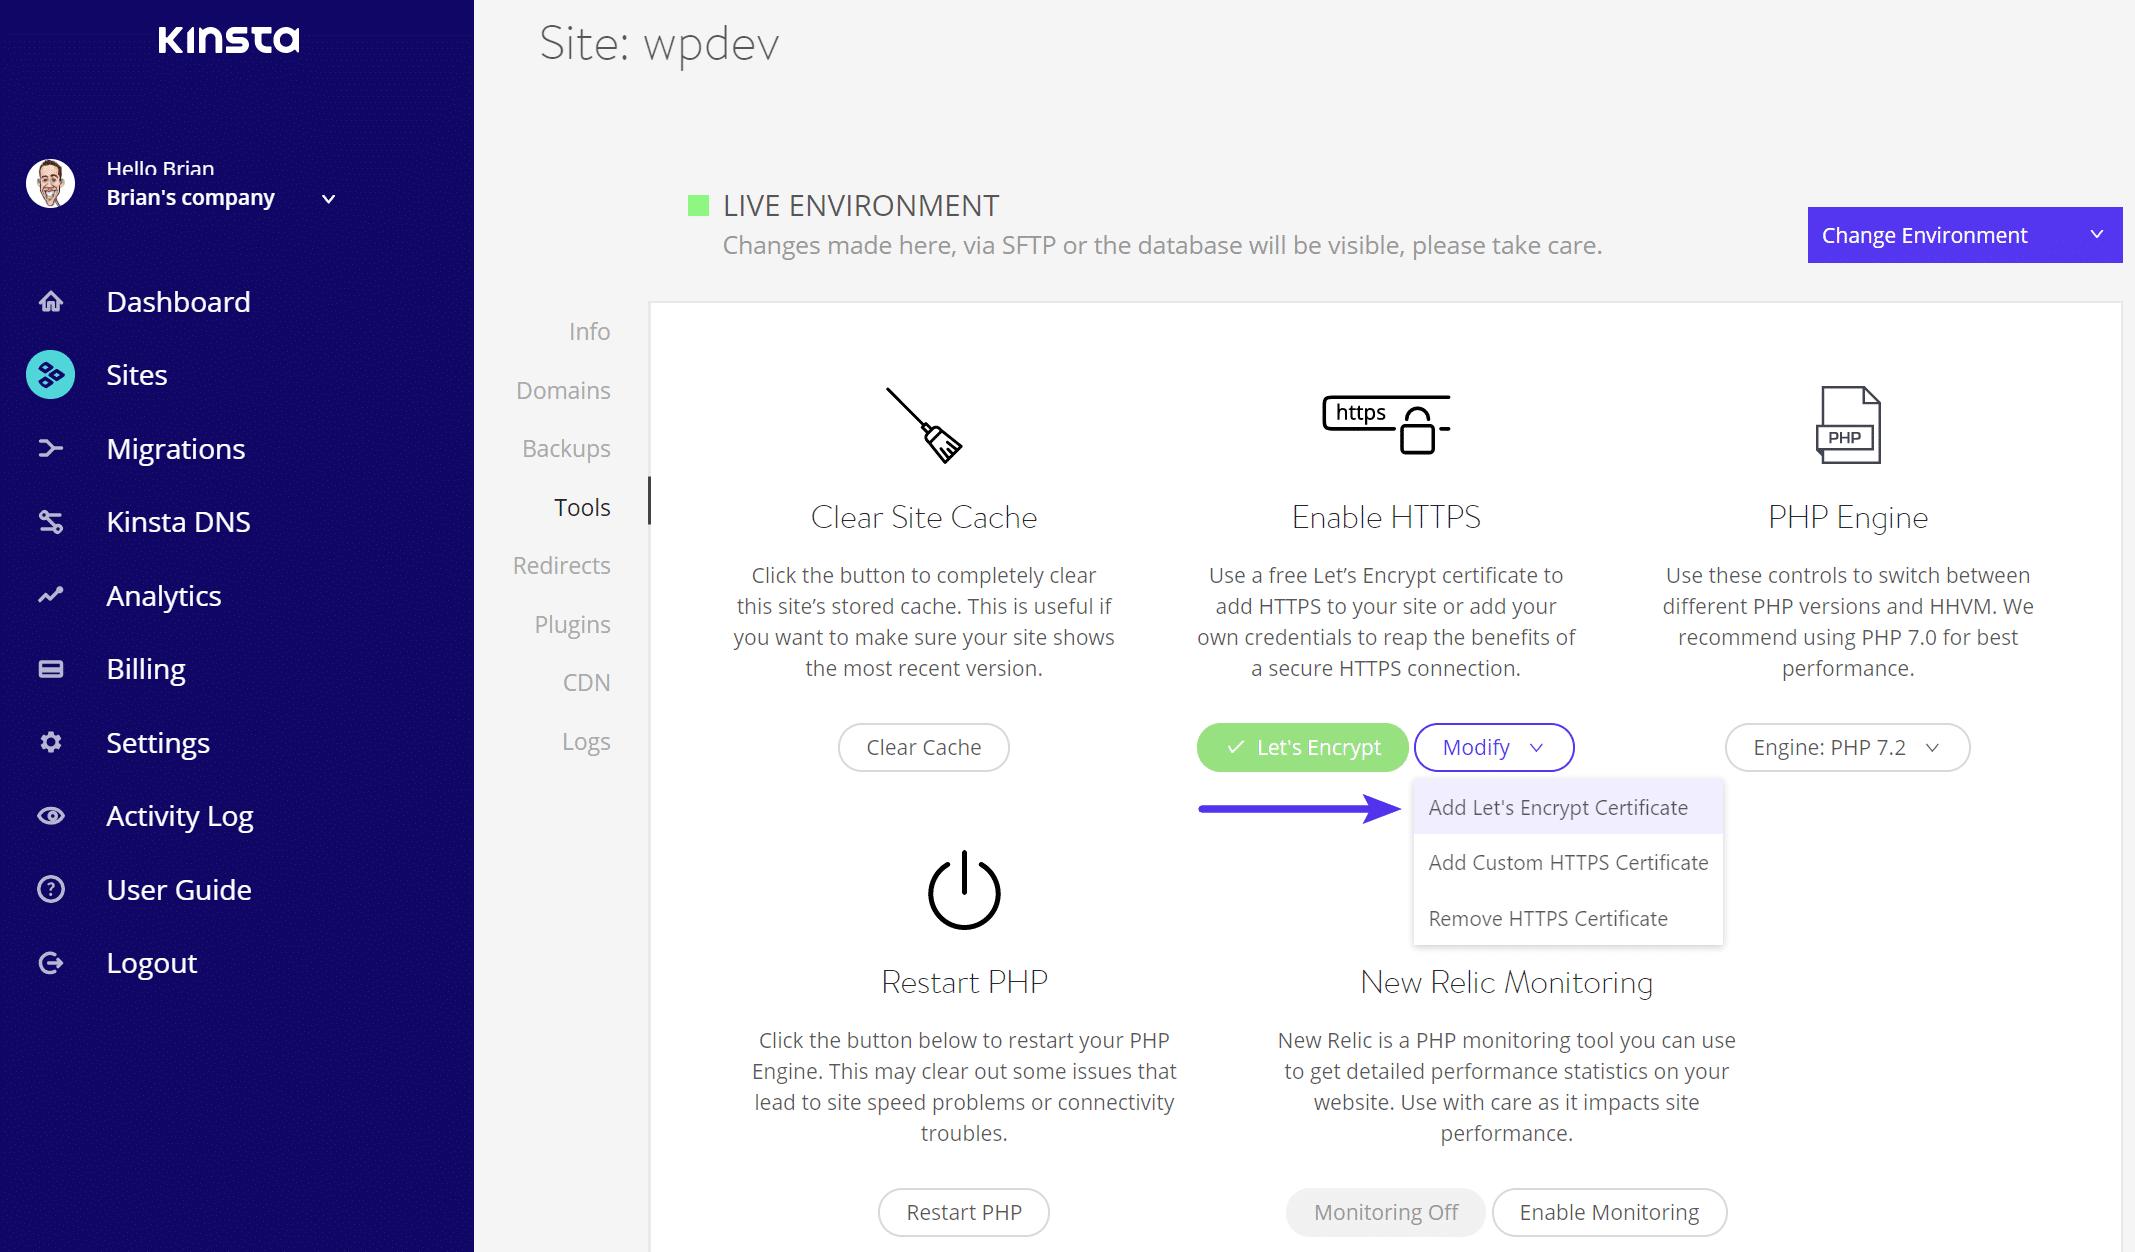 Voeg Let's Encrypt Certificaat toe